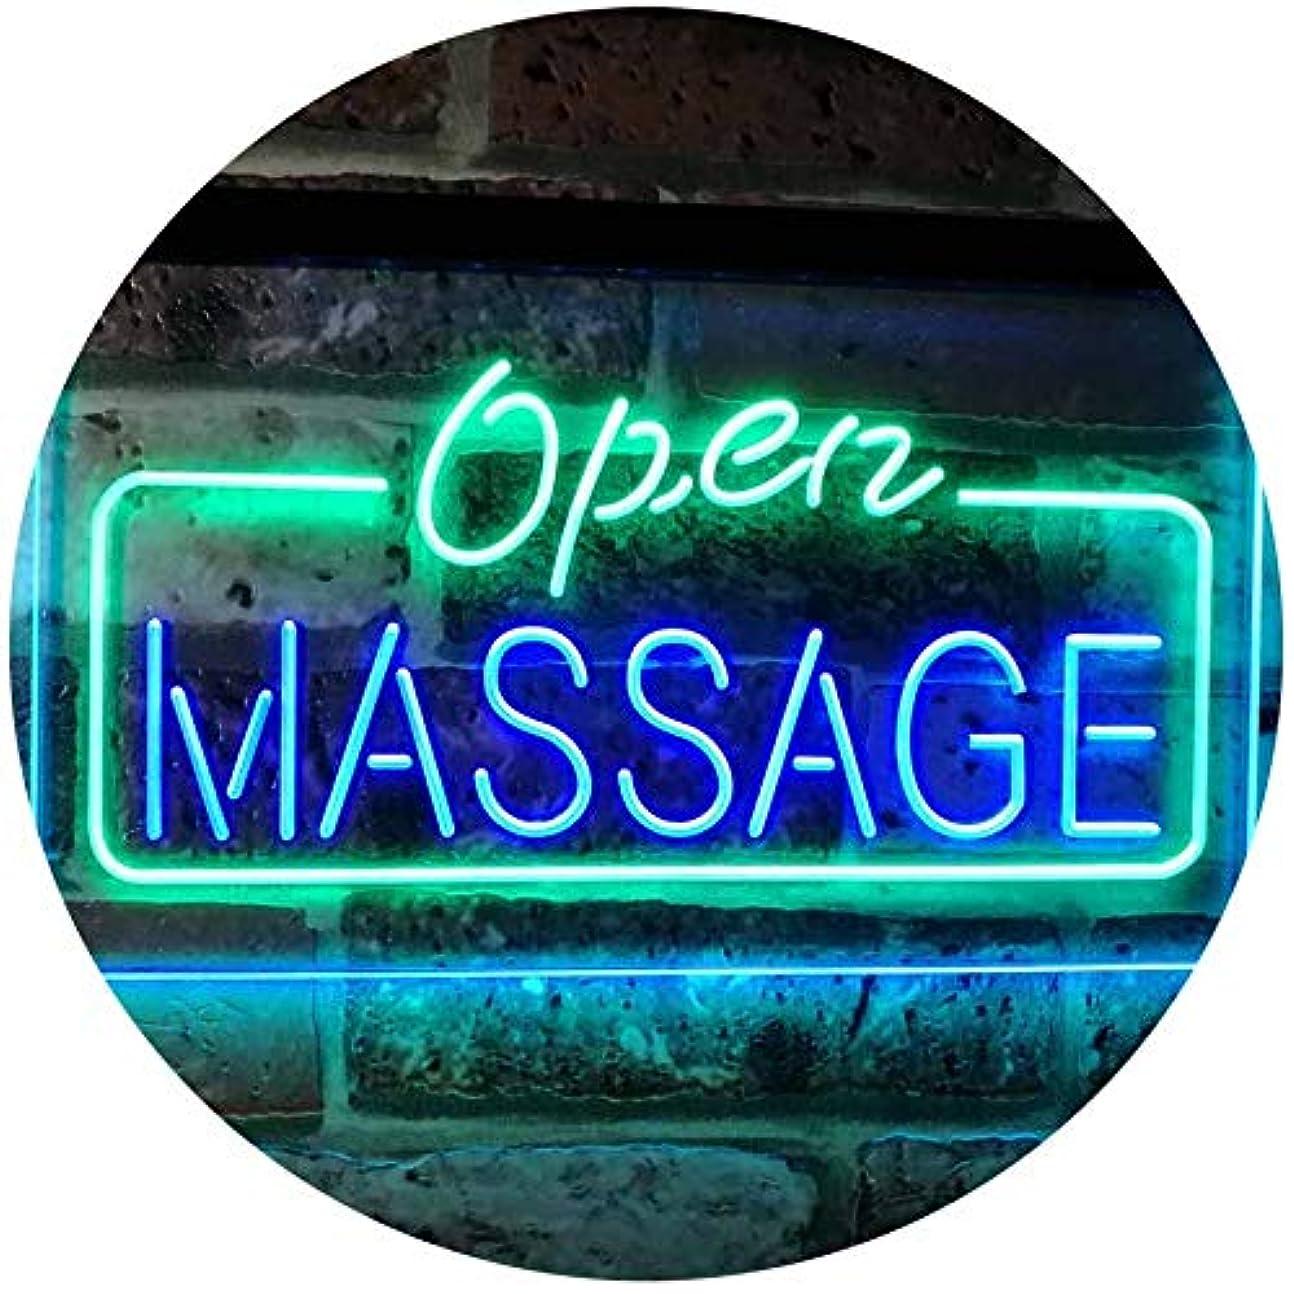 親密なせっかちベーリング海峡Massage Therapy Open Walk-In-Welcome Display Body Care Dual Color LED看板 ネオンプレート サイン 標識 緑色 + 青色 400 x 300mm st6s43-i0365-gb